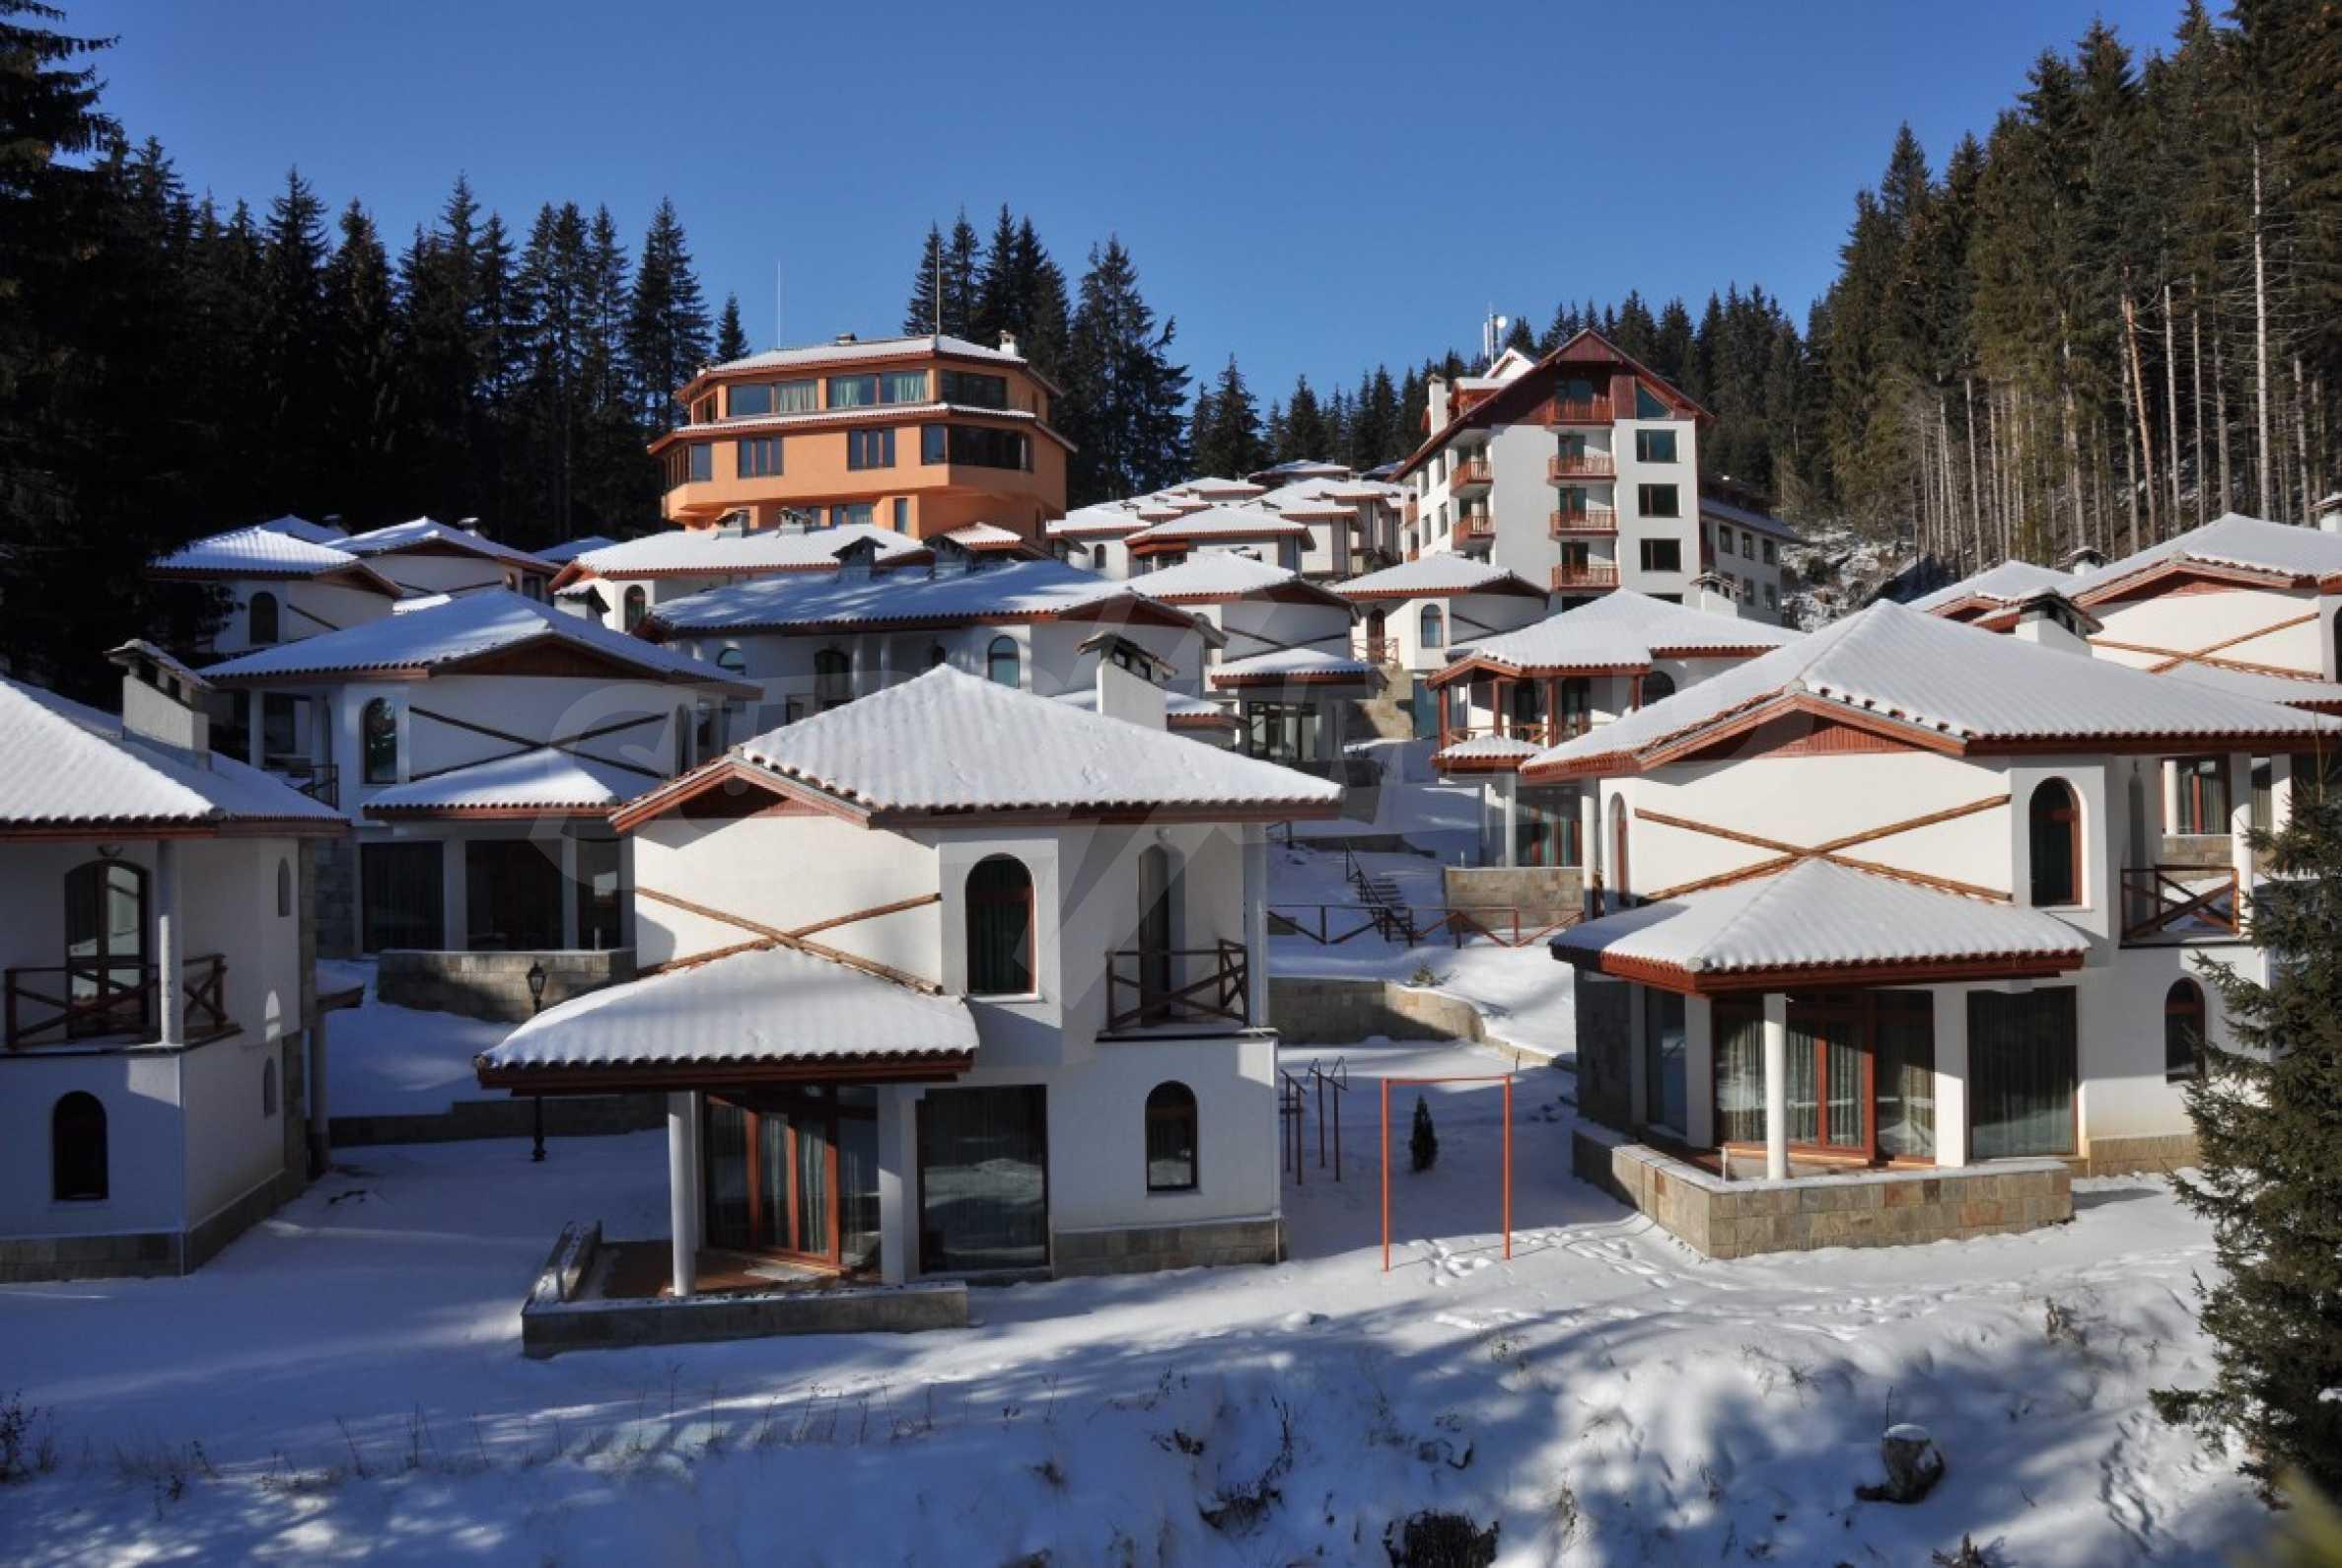 Апартаменти на атрактивни цени в планински ваканционен комплекс в Пампорово 26